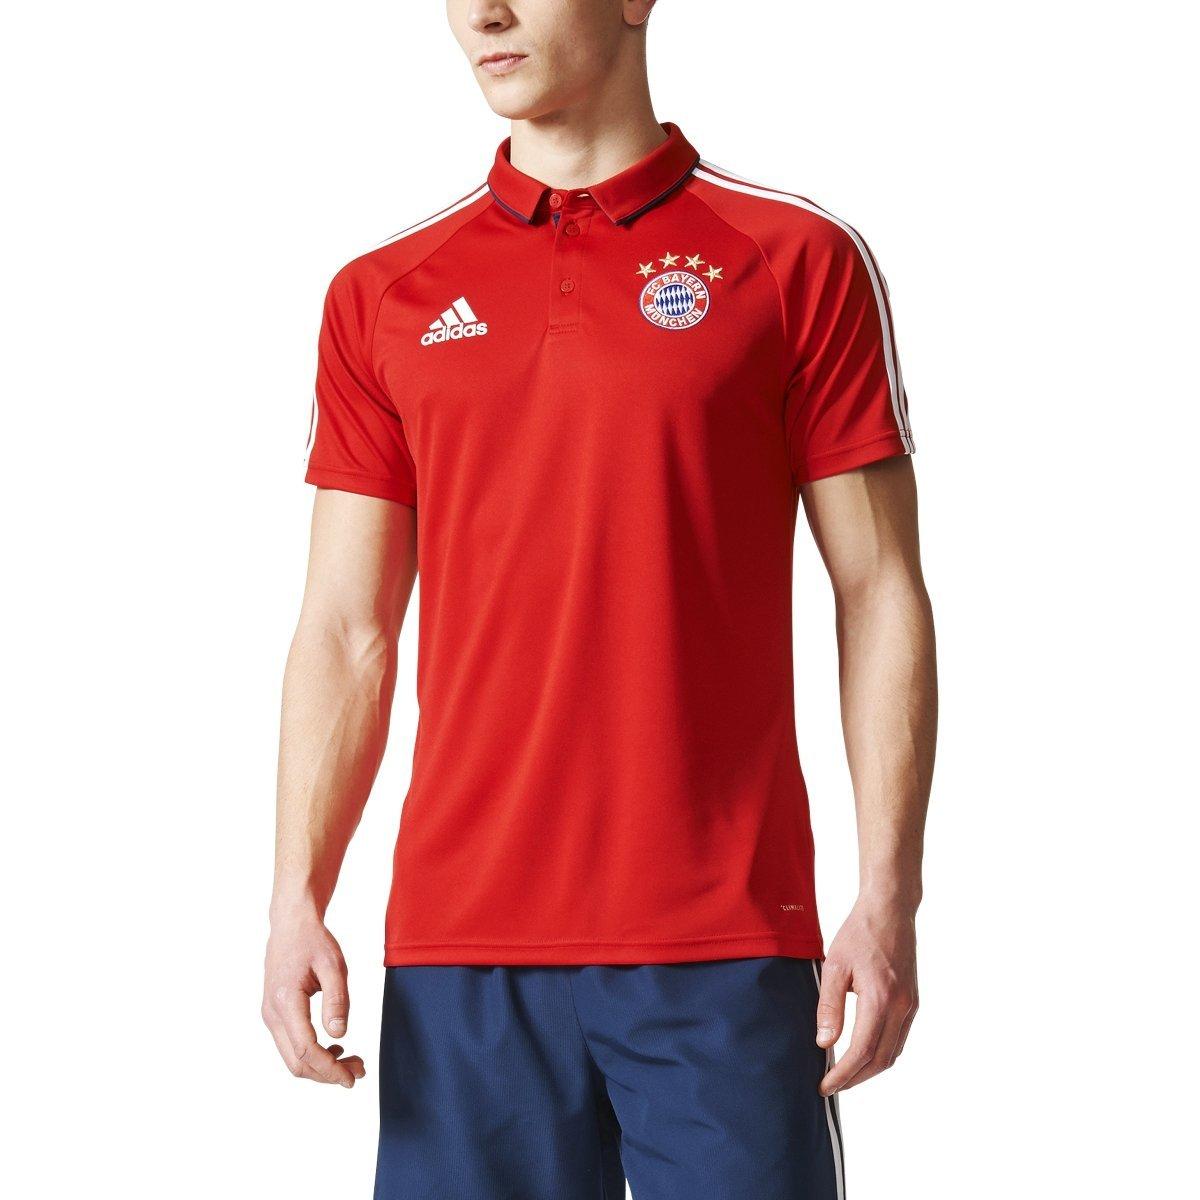 Adidas Fc Bayern Munich Fc Fc Munich Bayern Munich Polofcbtru Bayern Adidas Adidas Polofcbtru fygYv6b7